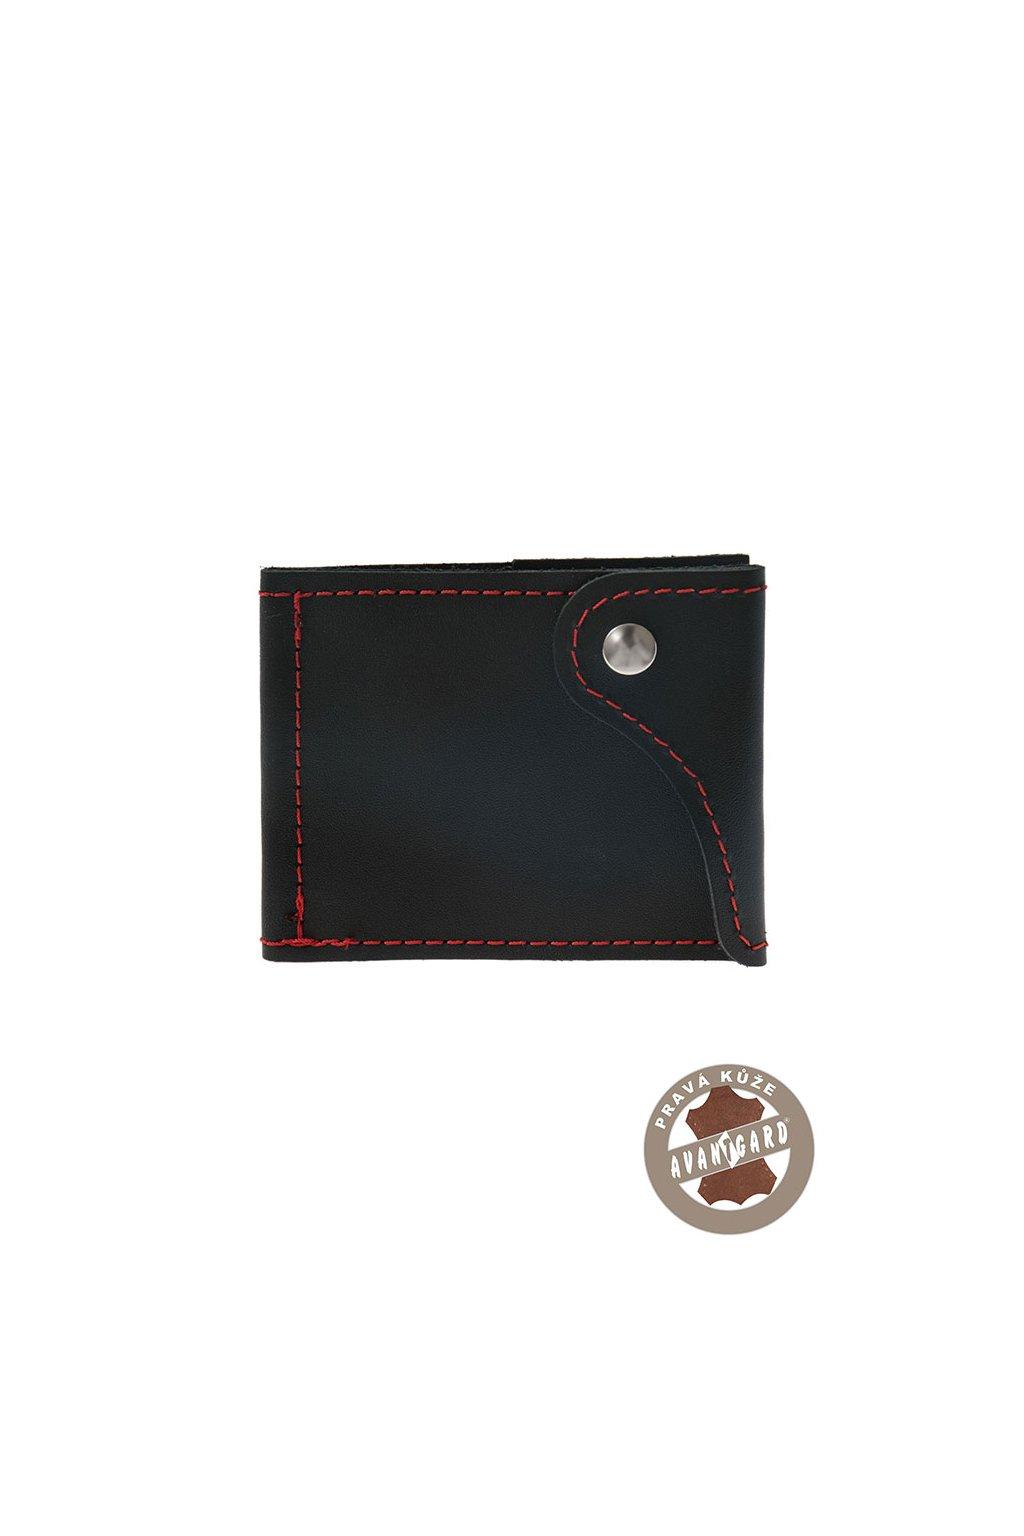 Pánská peněženka z pravé kůže černá/červená 800 - 2312